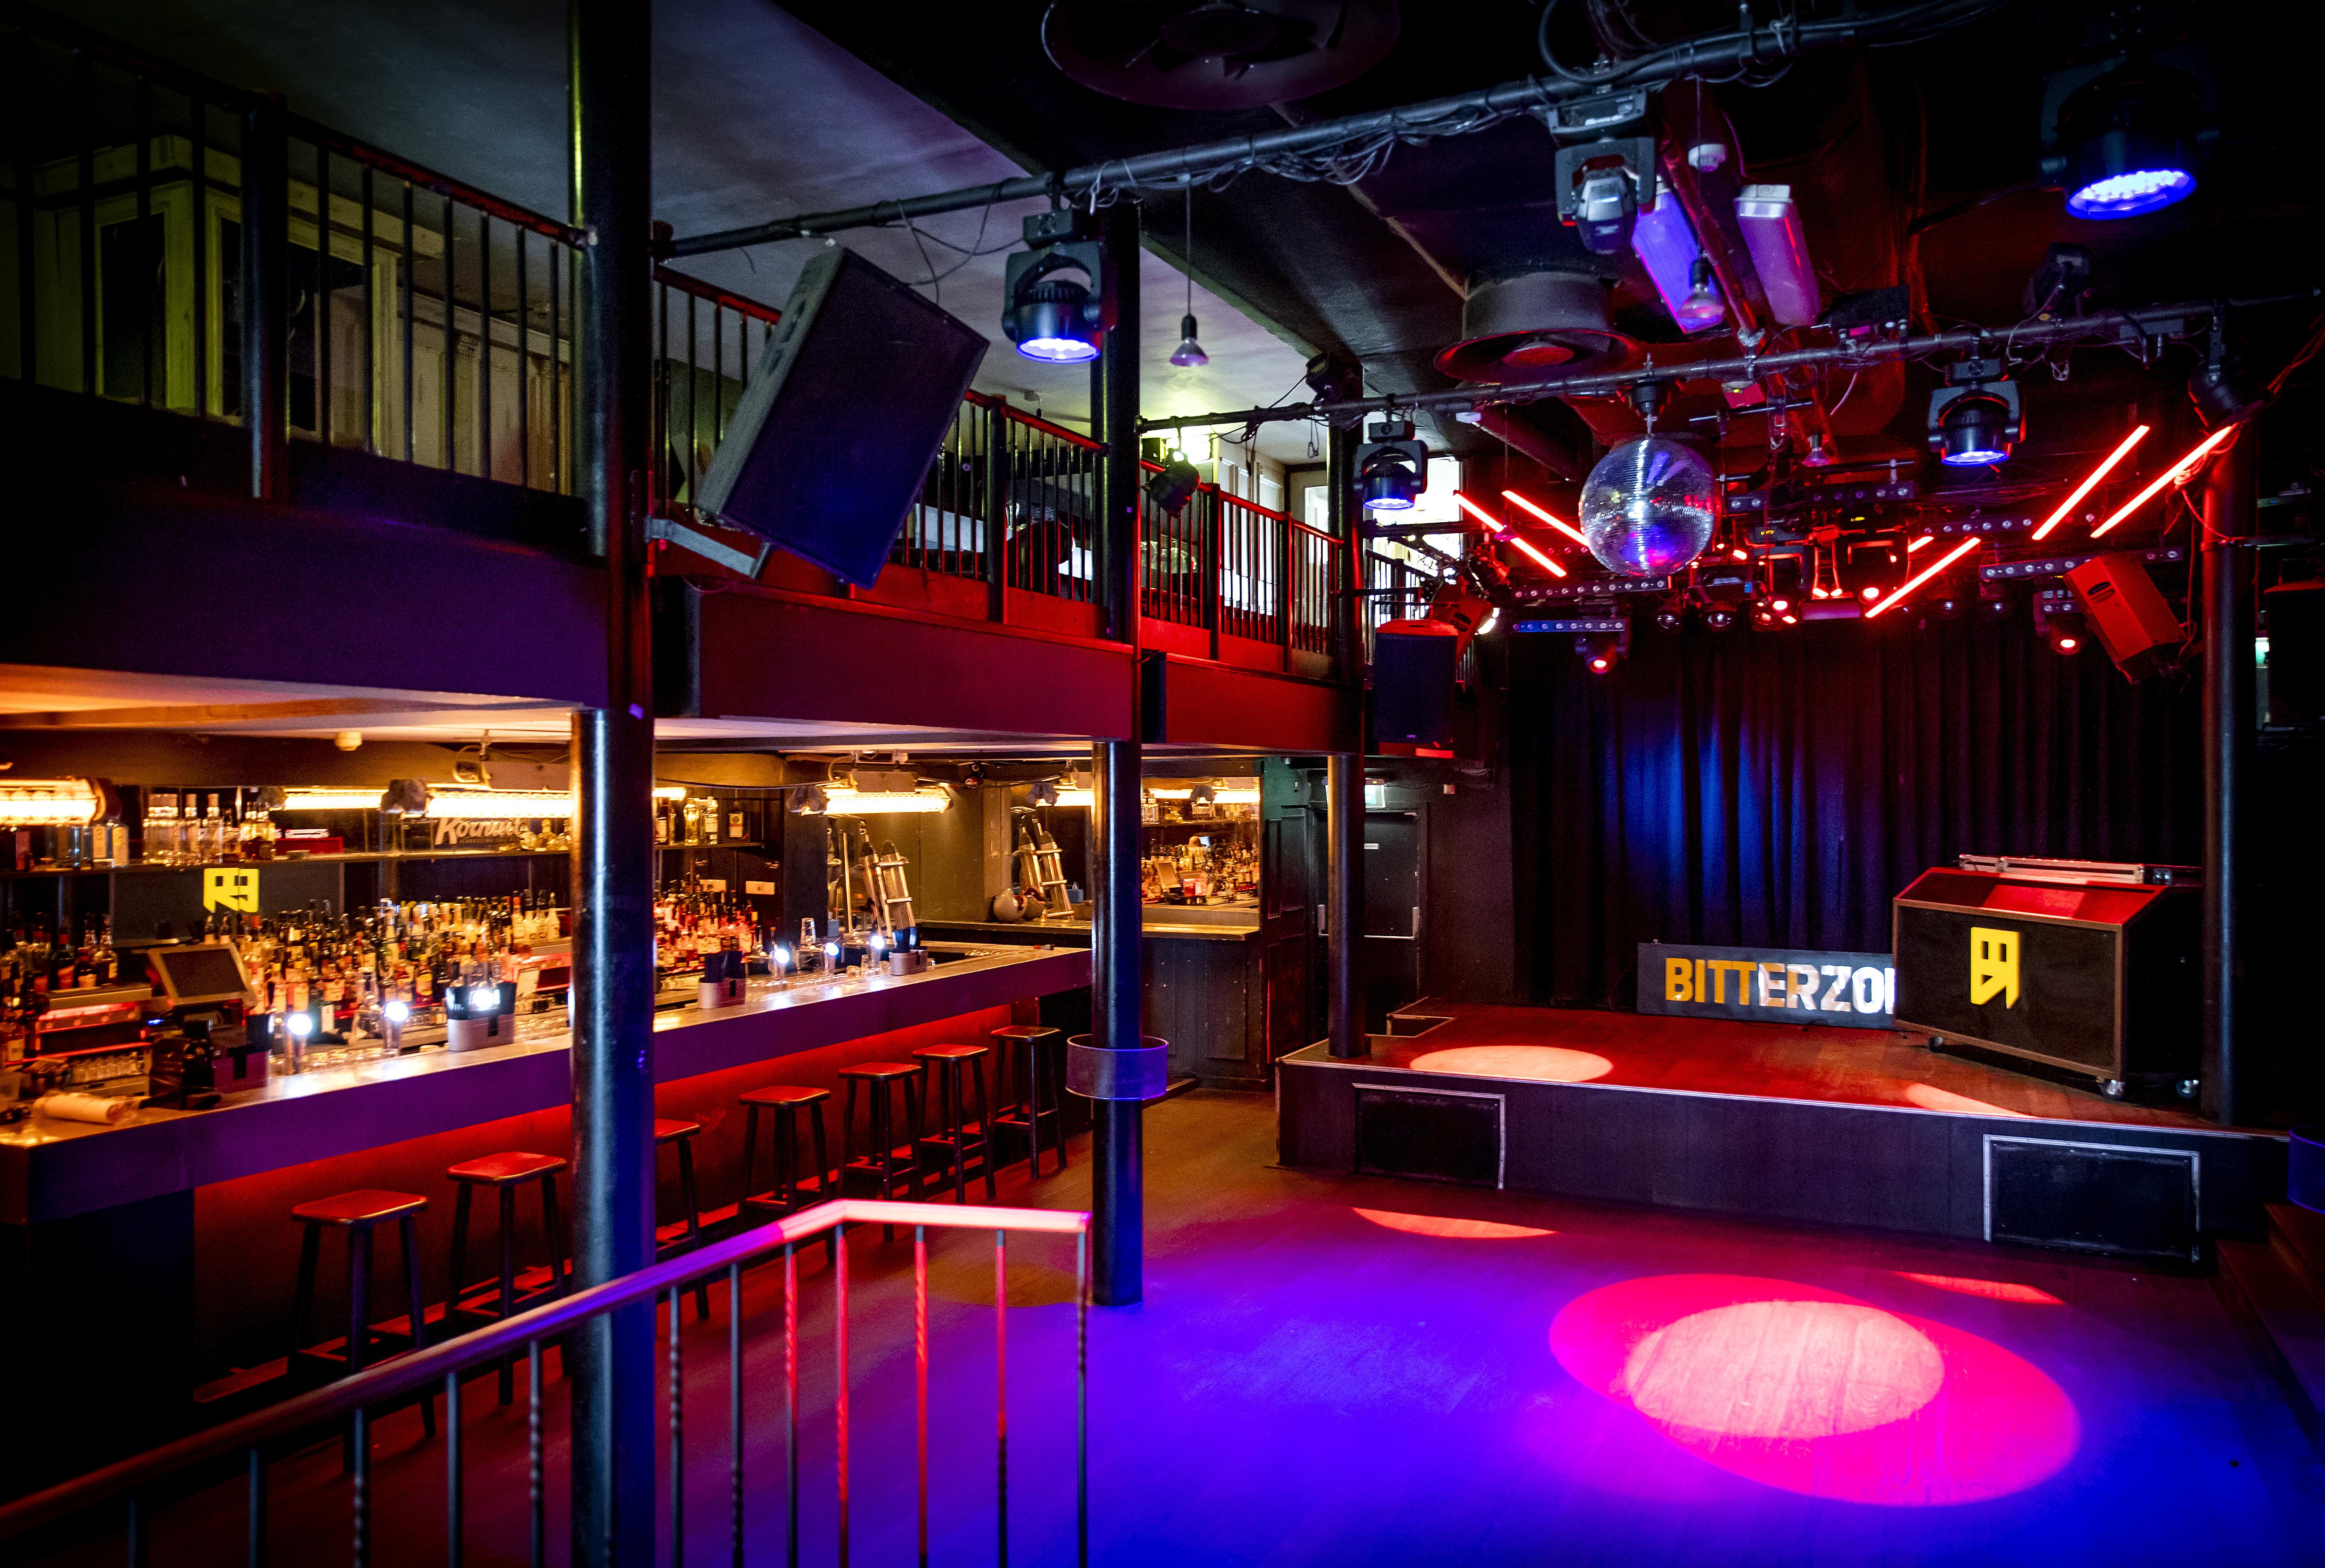 Amsterdamse nachtclubs vanmiddag in actie op het Museumplein